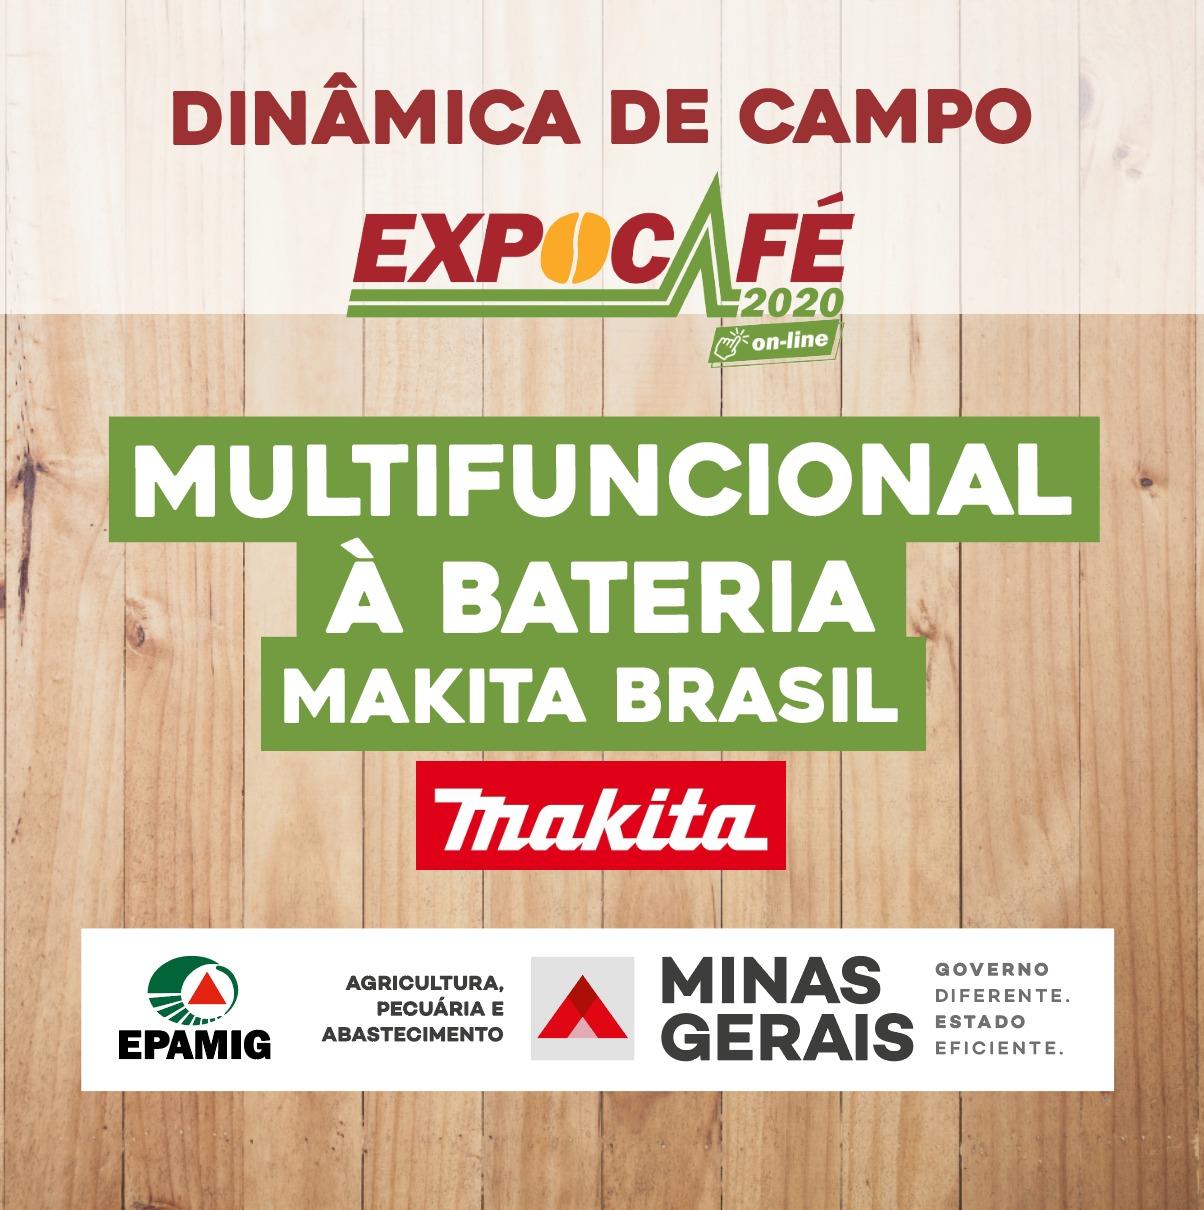 Multifuncional a bateria Makita Brasil